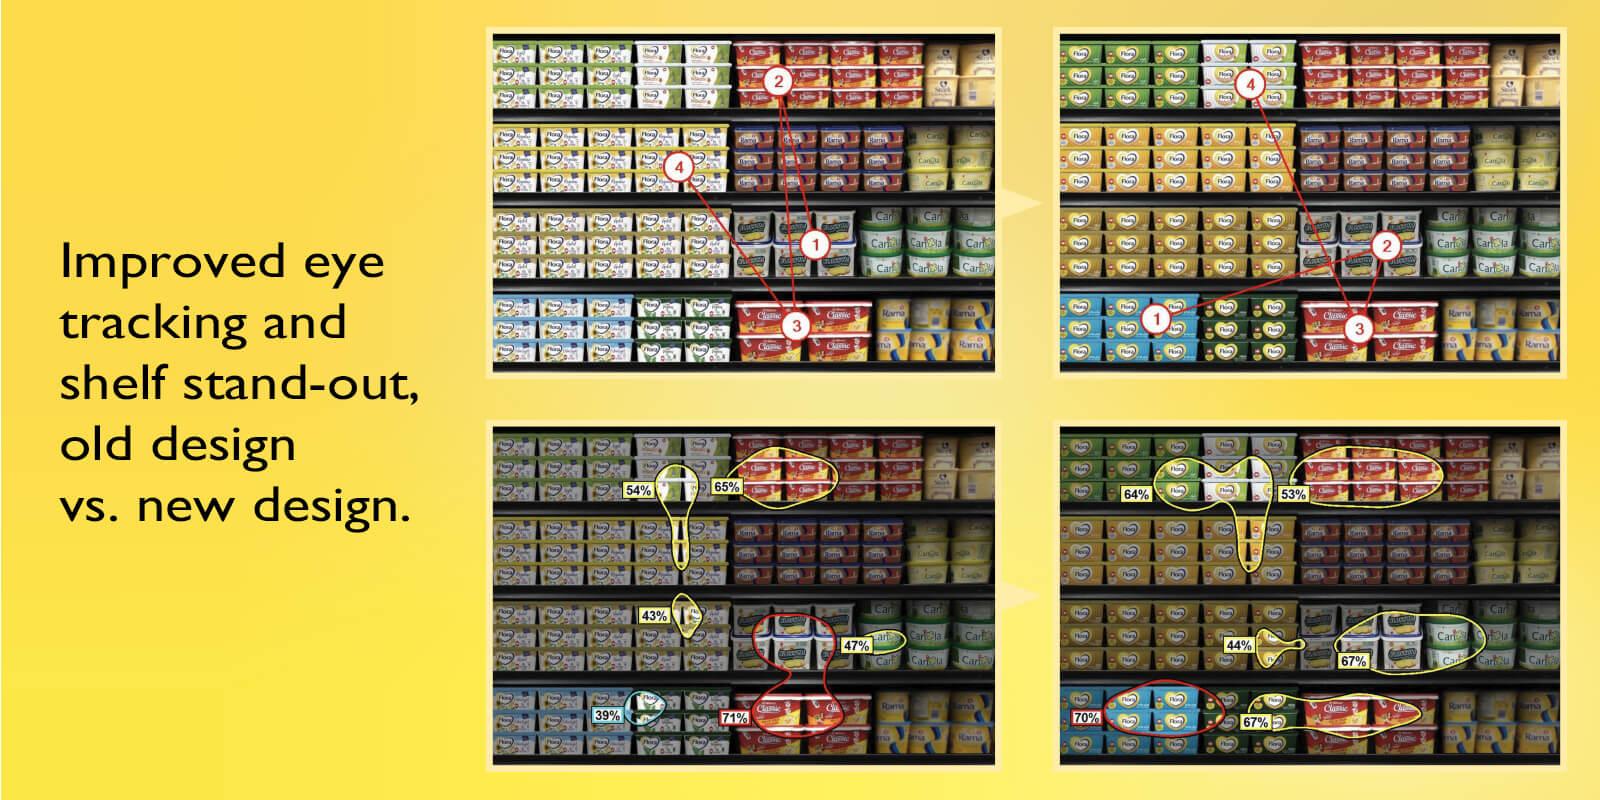 metropolitan republic Flora PackagingBody image 4